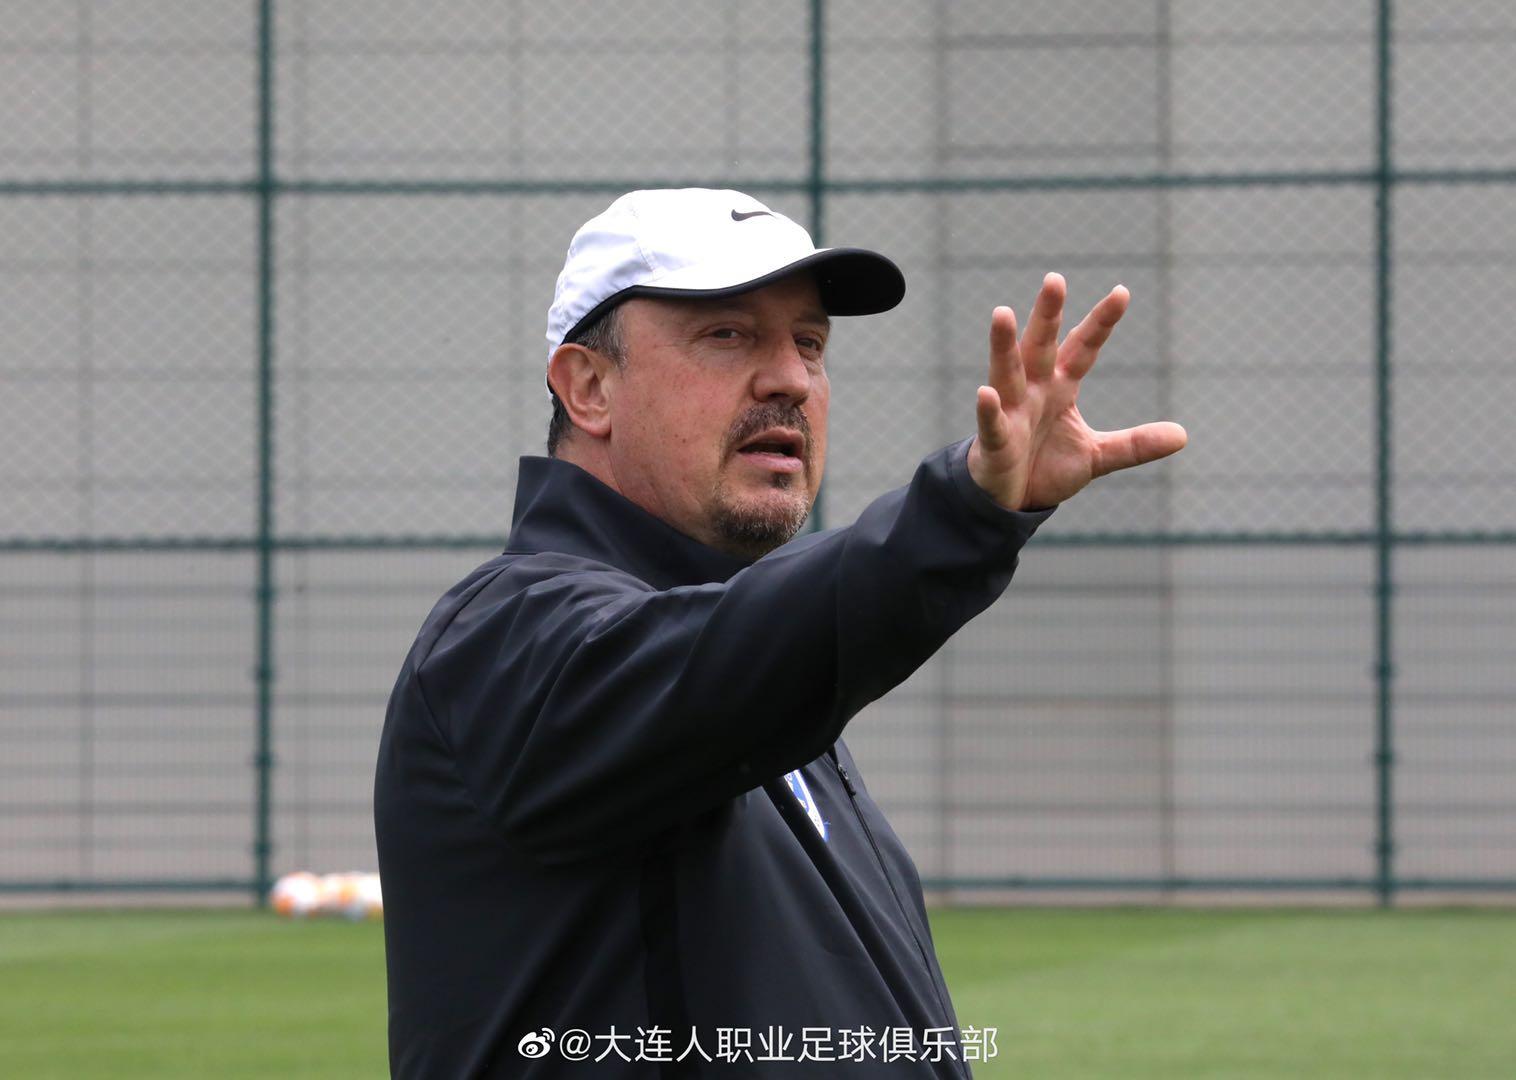 热身赛:龙东双响林良铭博阿滕破门,大连人5-2预备队